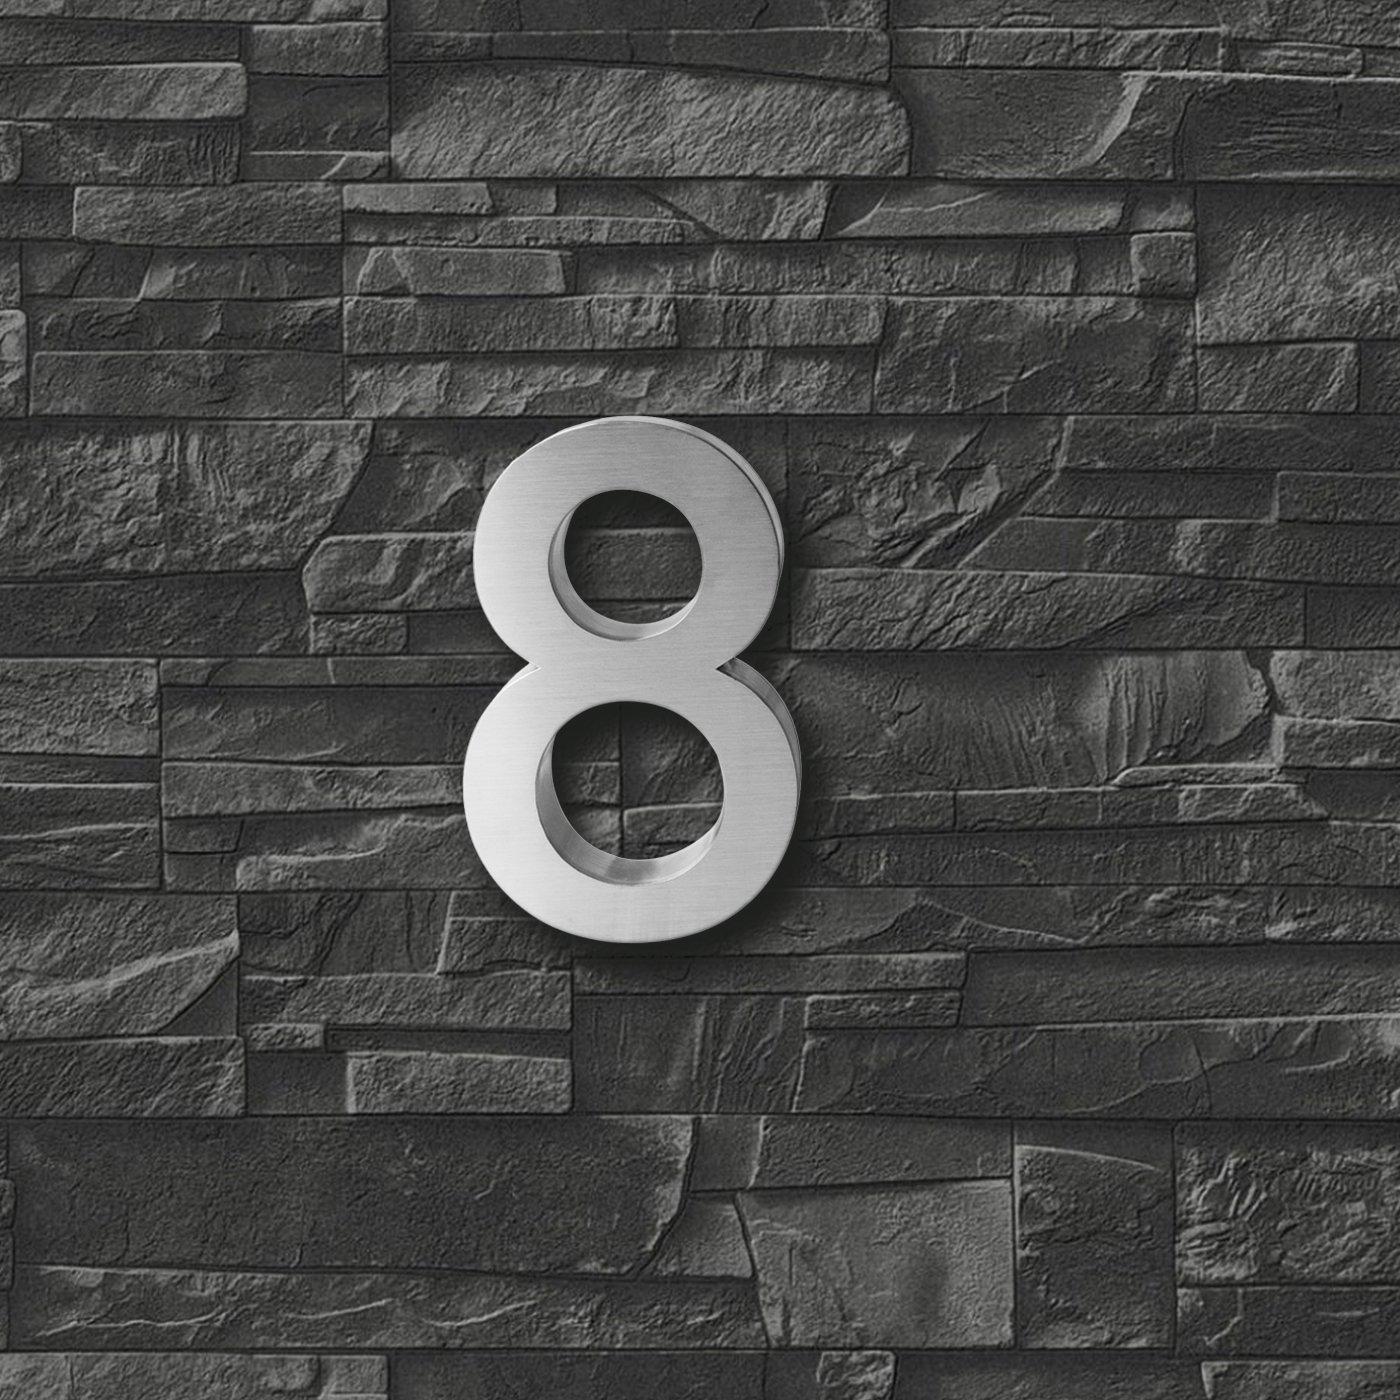 aus geb/ürstetem Edelstahl inkl x 3cm 3D-Hausnummer 9 aus Edelstahl rostfreie /& witterungsbest/ändige Hausnummern im 3D-Effekt in 20cm V2A H/öhe Montagematerial Tiefe